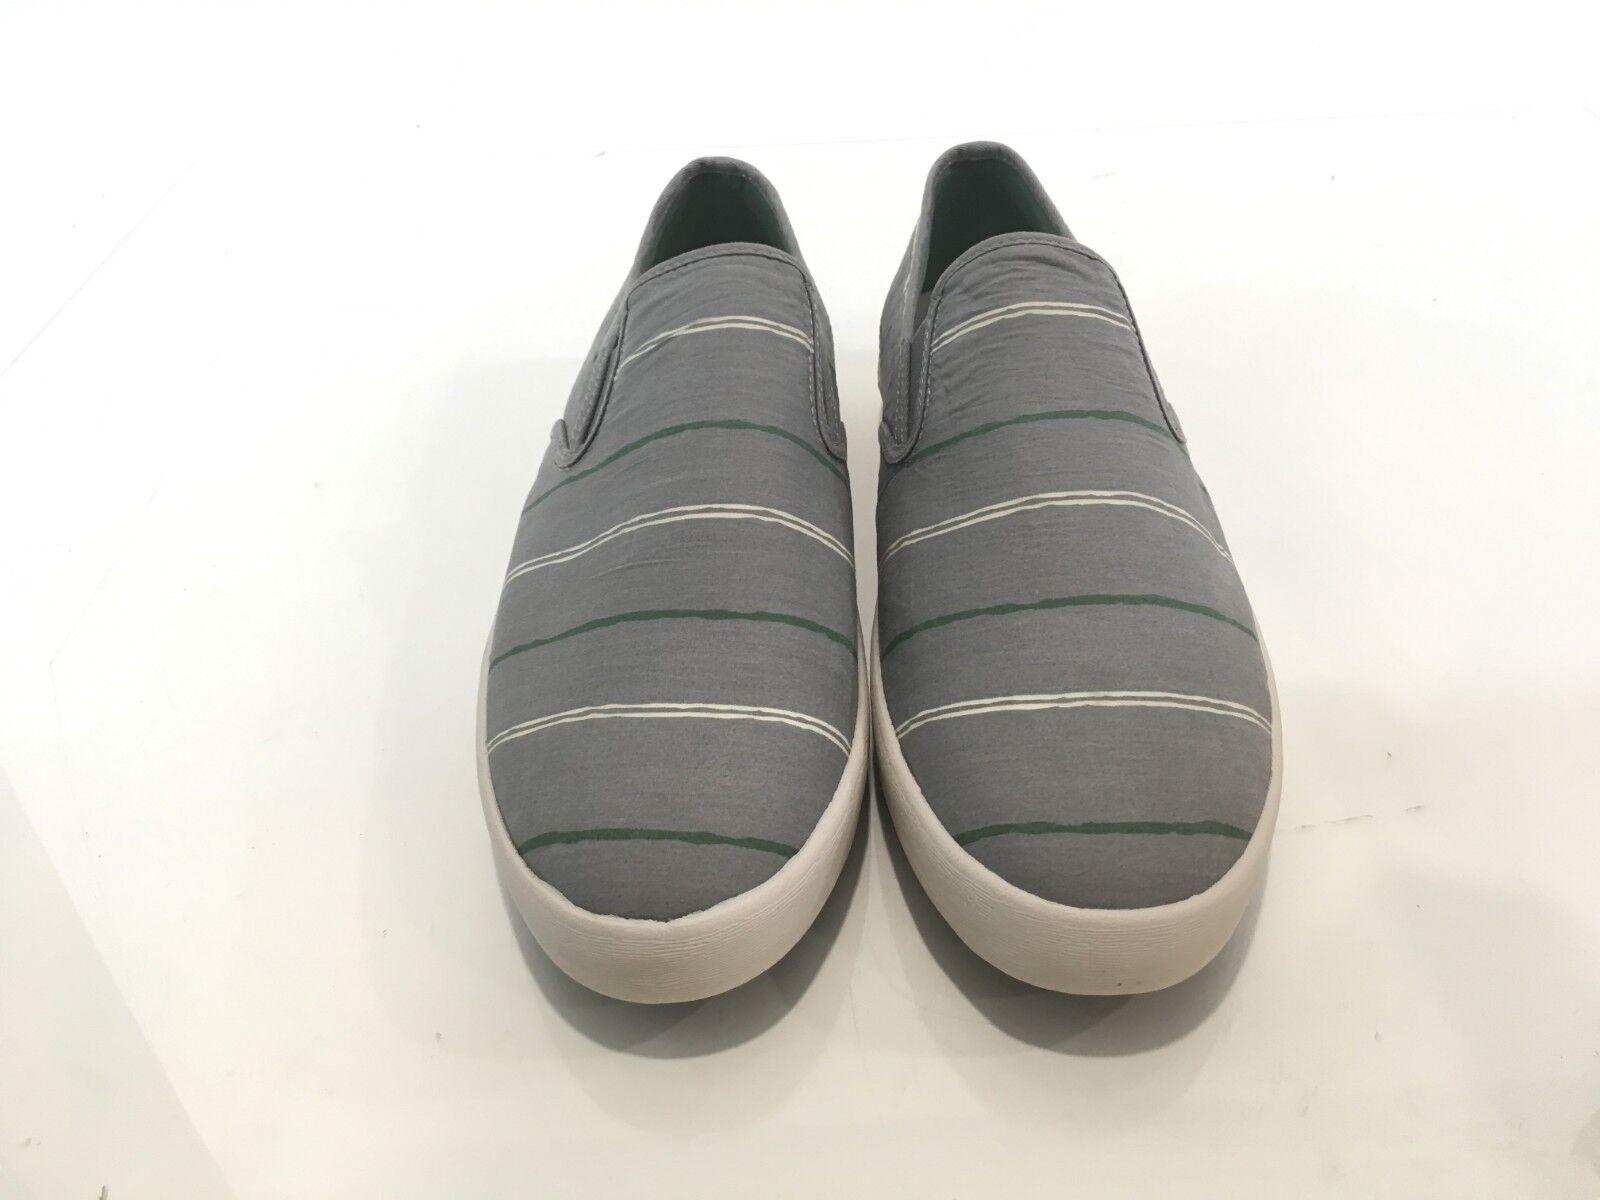 Seavees Baja SLip On Break Line Granite Grey Poplin Mens Size 11.5